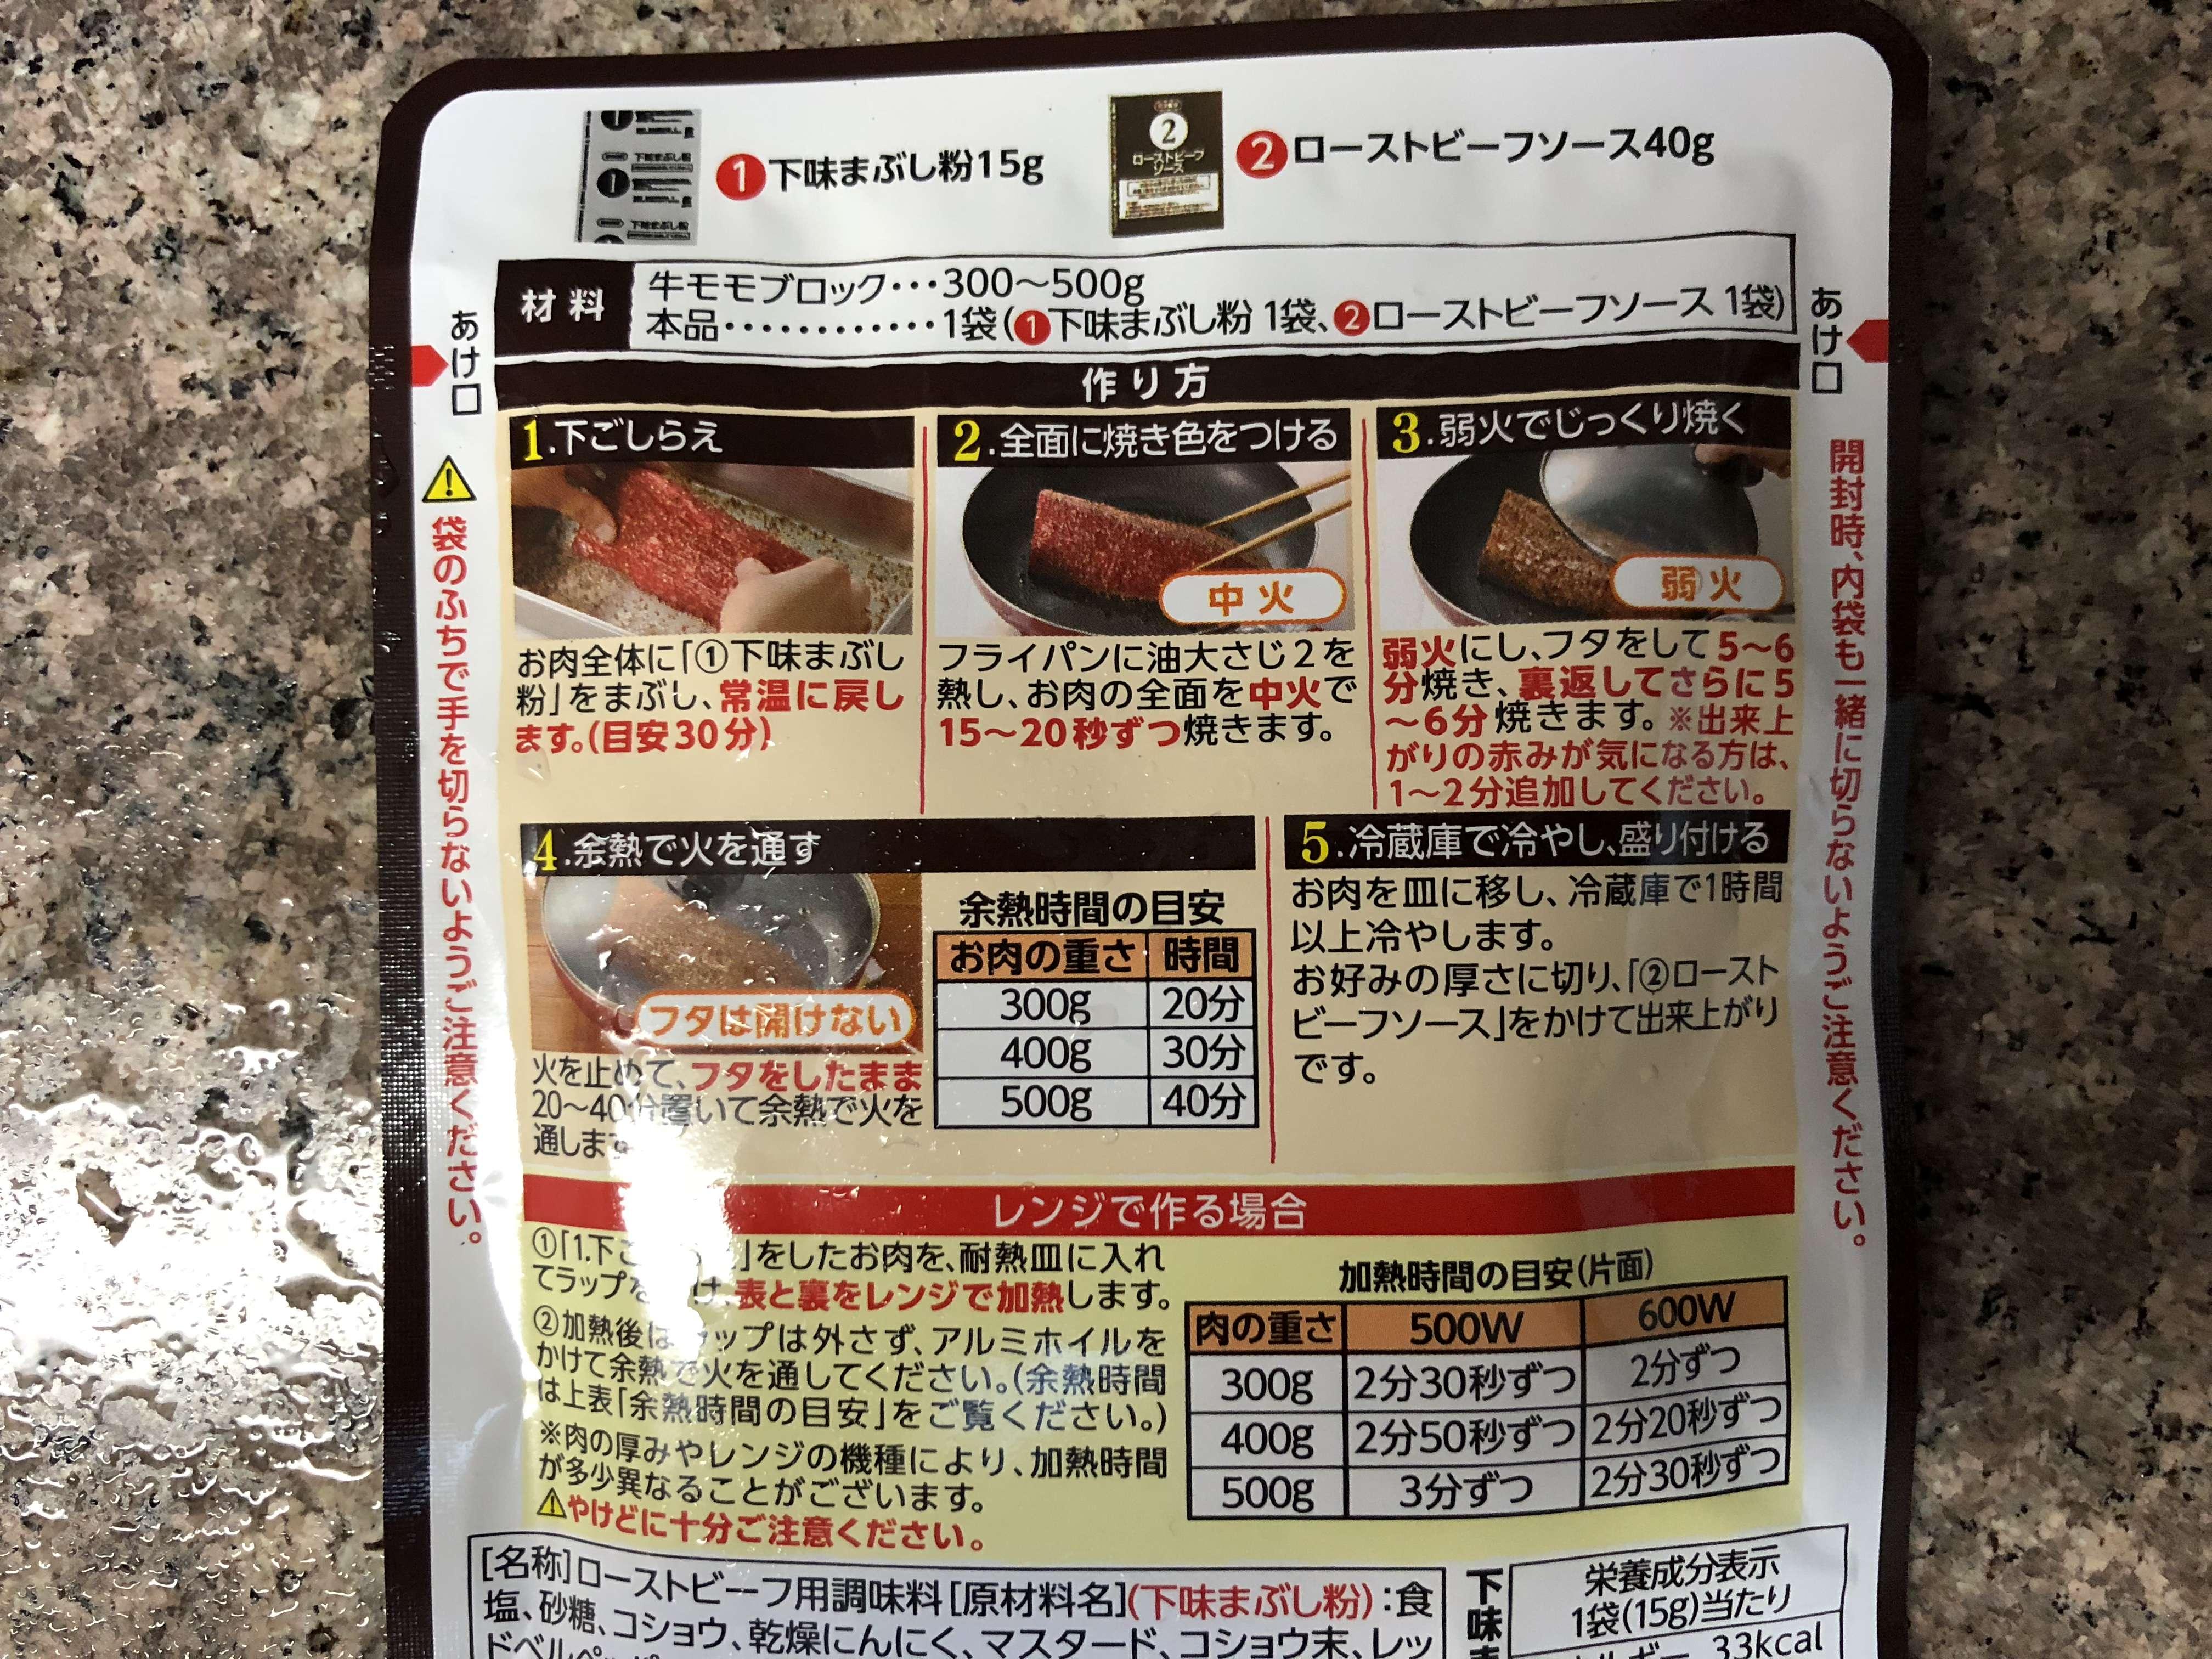 ローストビーフ 作り方 簡単 早い